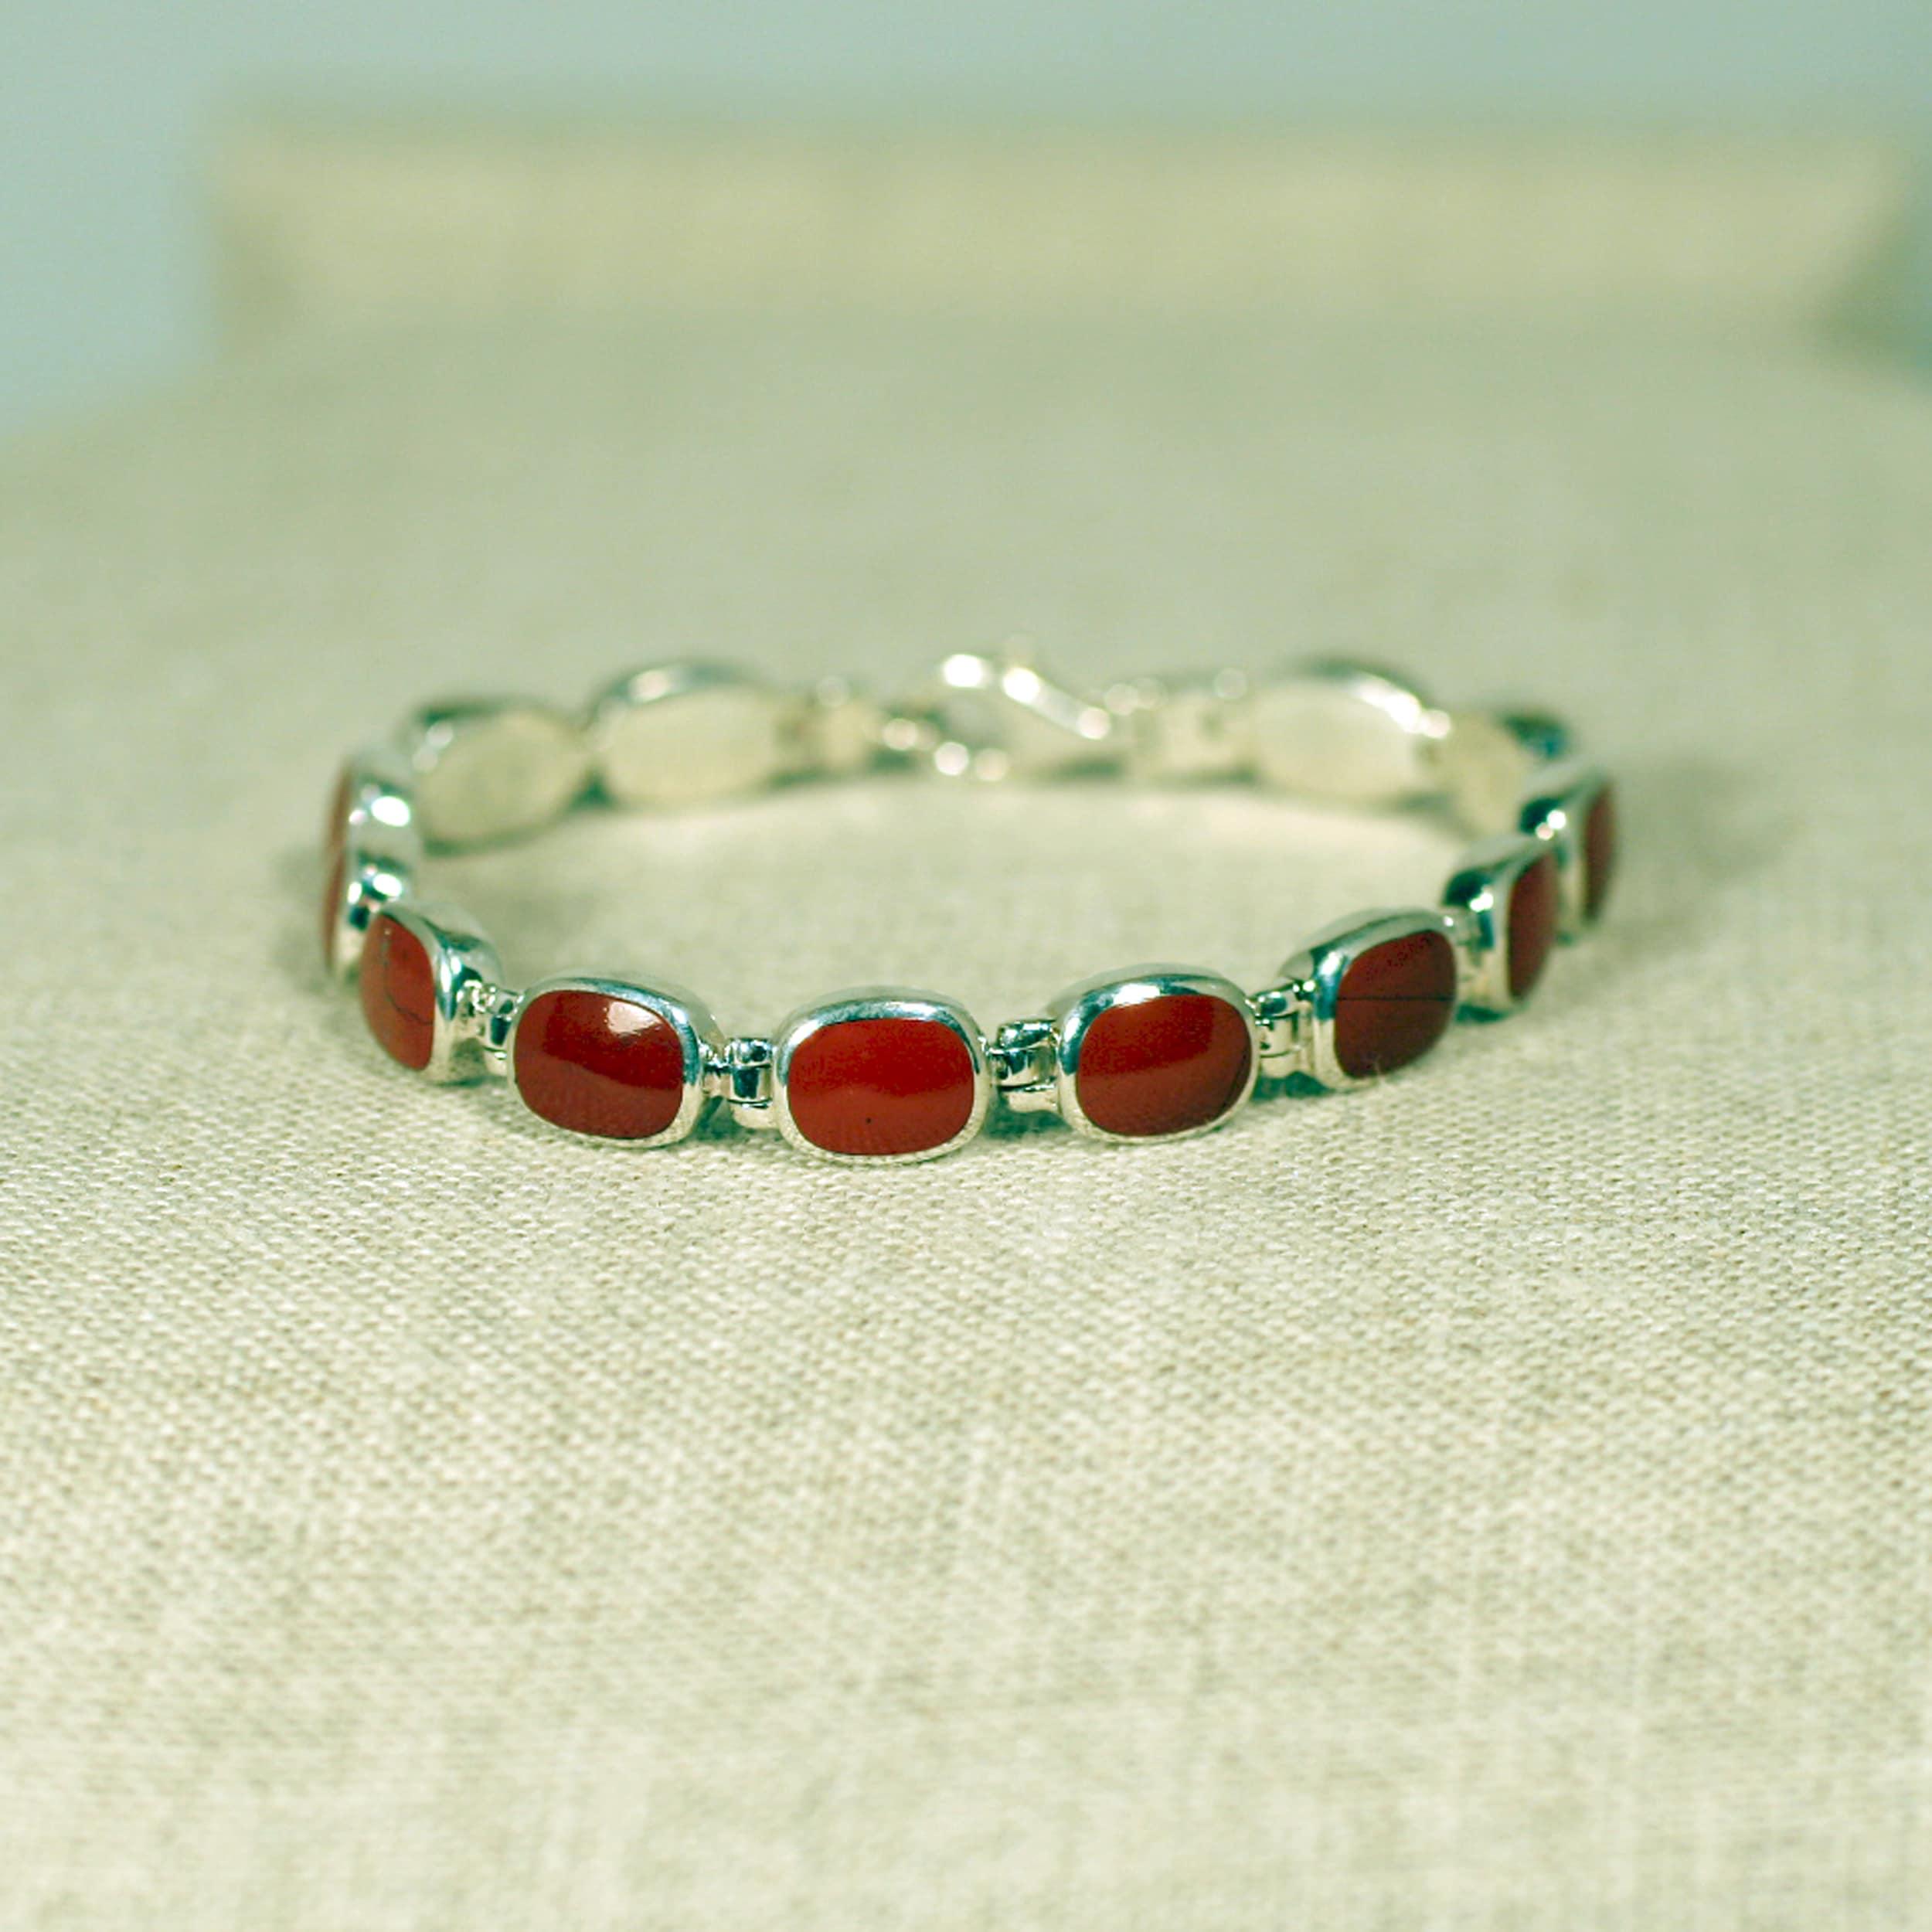 Peyote Bird Designs Sterling Silver Red Jasper Tennis Bracelet (Thailand)